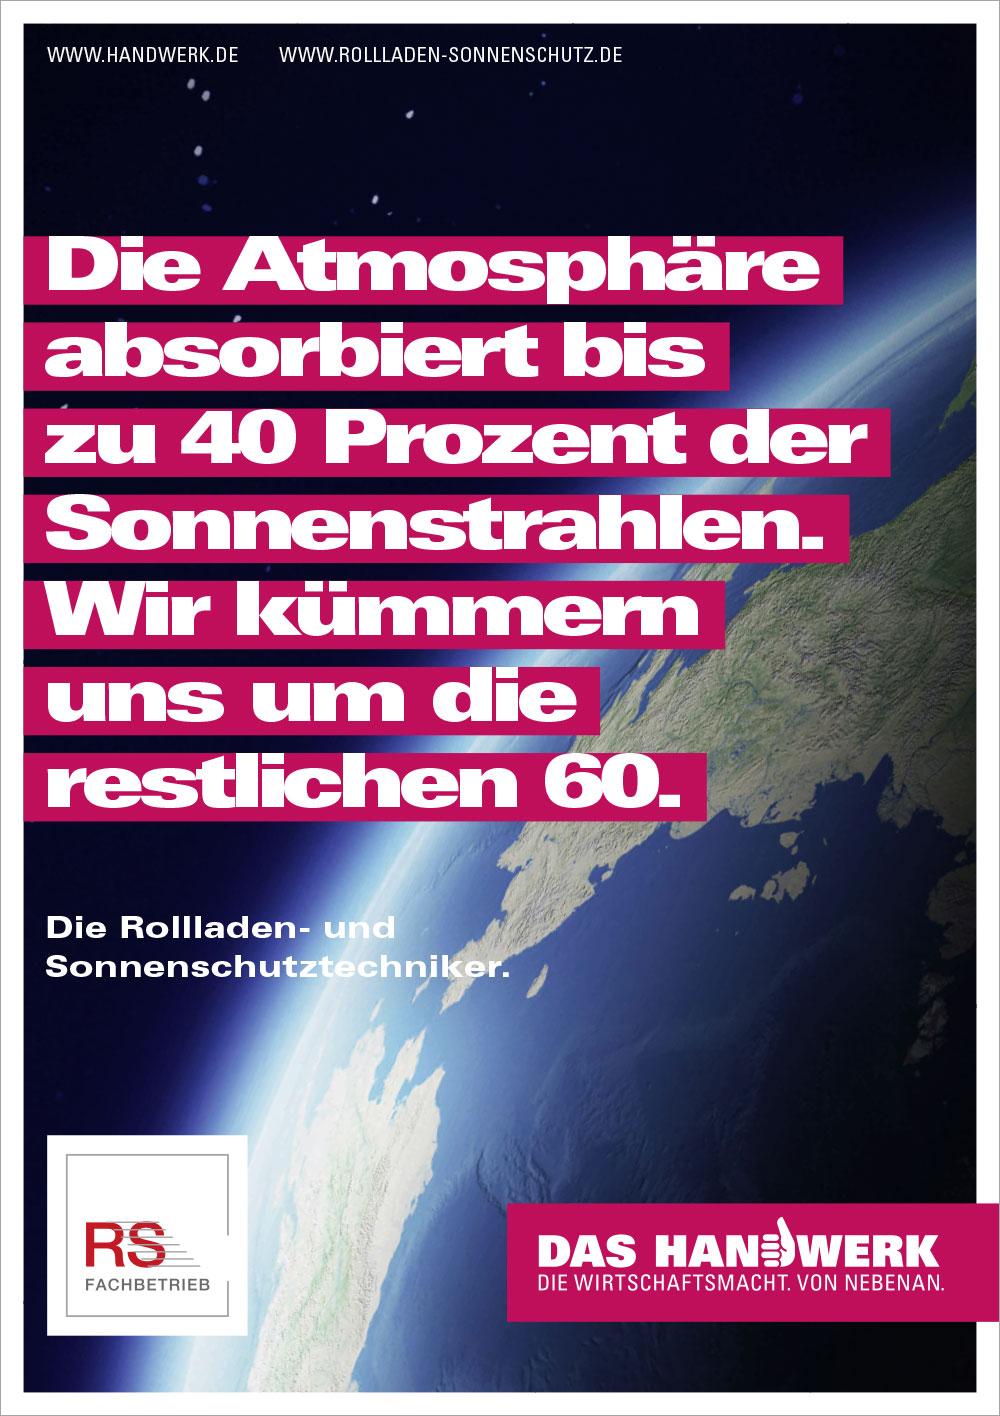 Plakat zur Handwerkskampagne Rollladen- und Sonnenschutztechniker